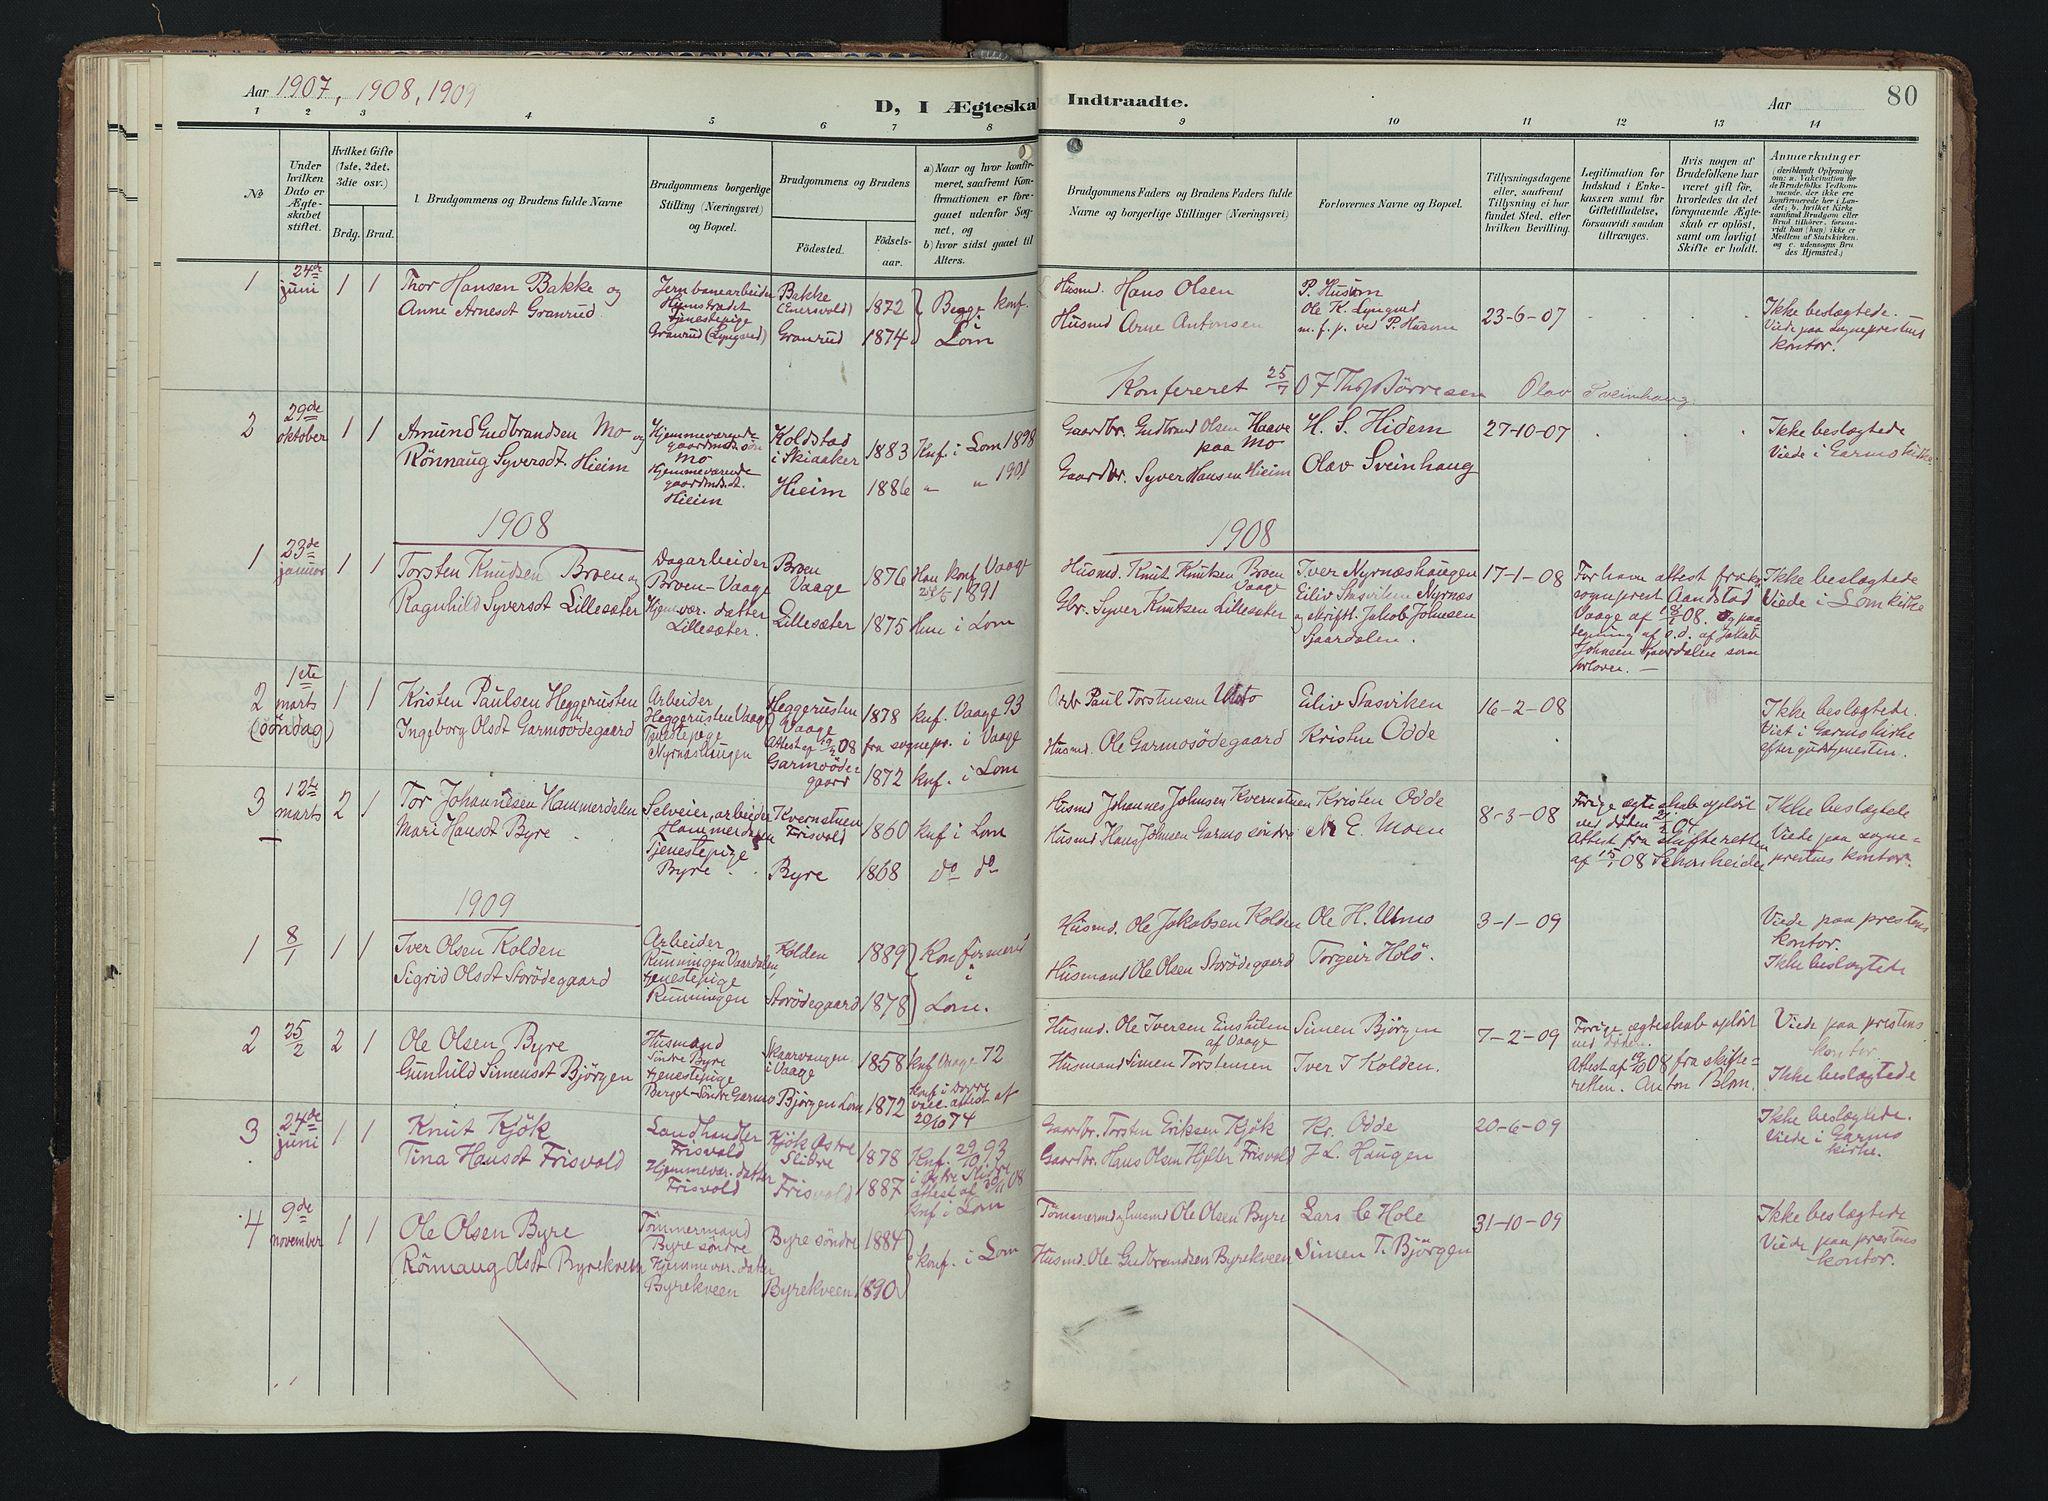 SAH, Lom prestekontor, K/L0011: Ministerialbok nr. 11, 1904-1928, s. 80